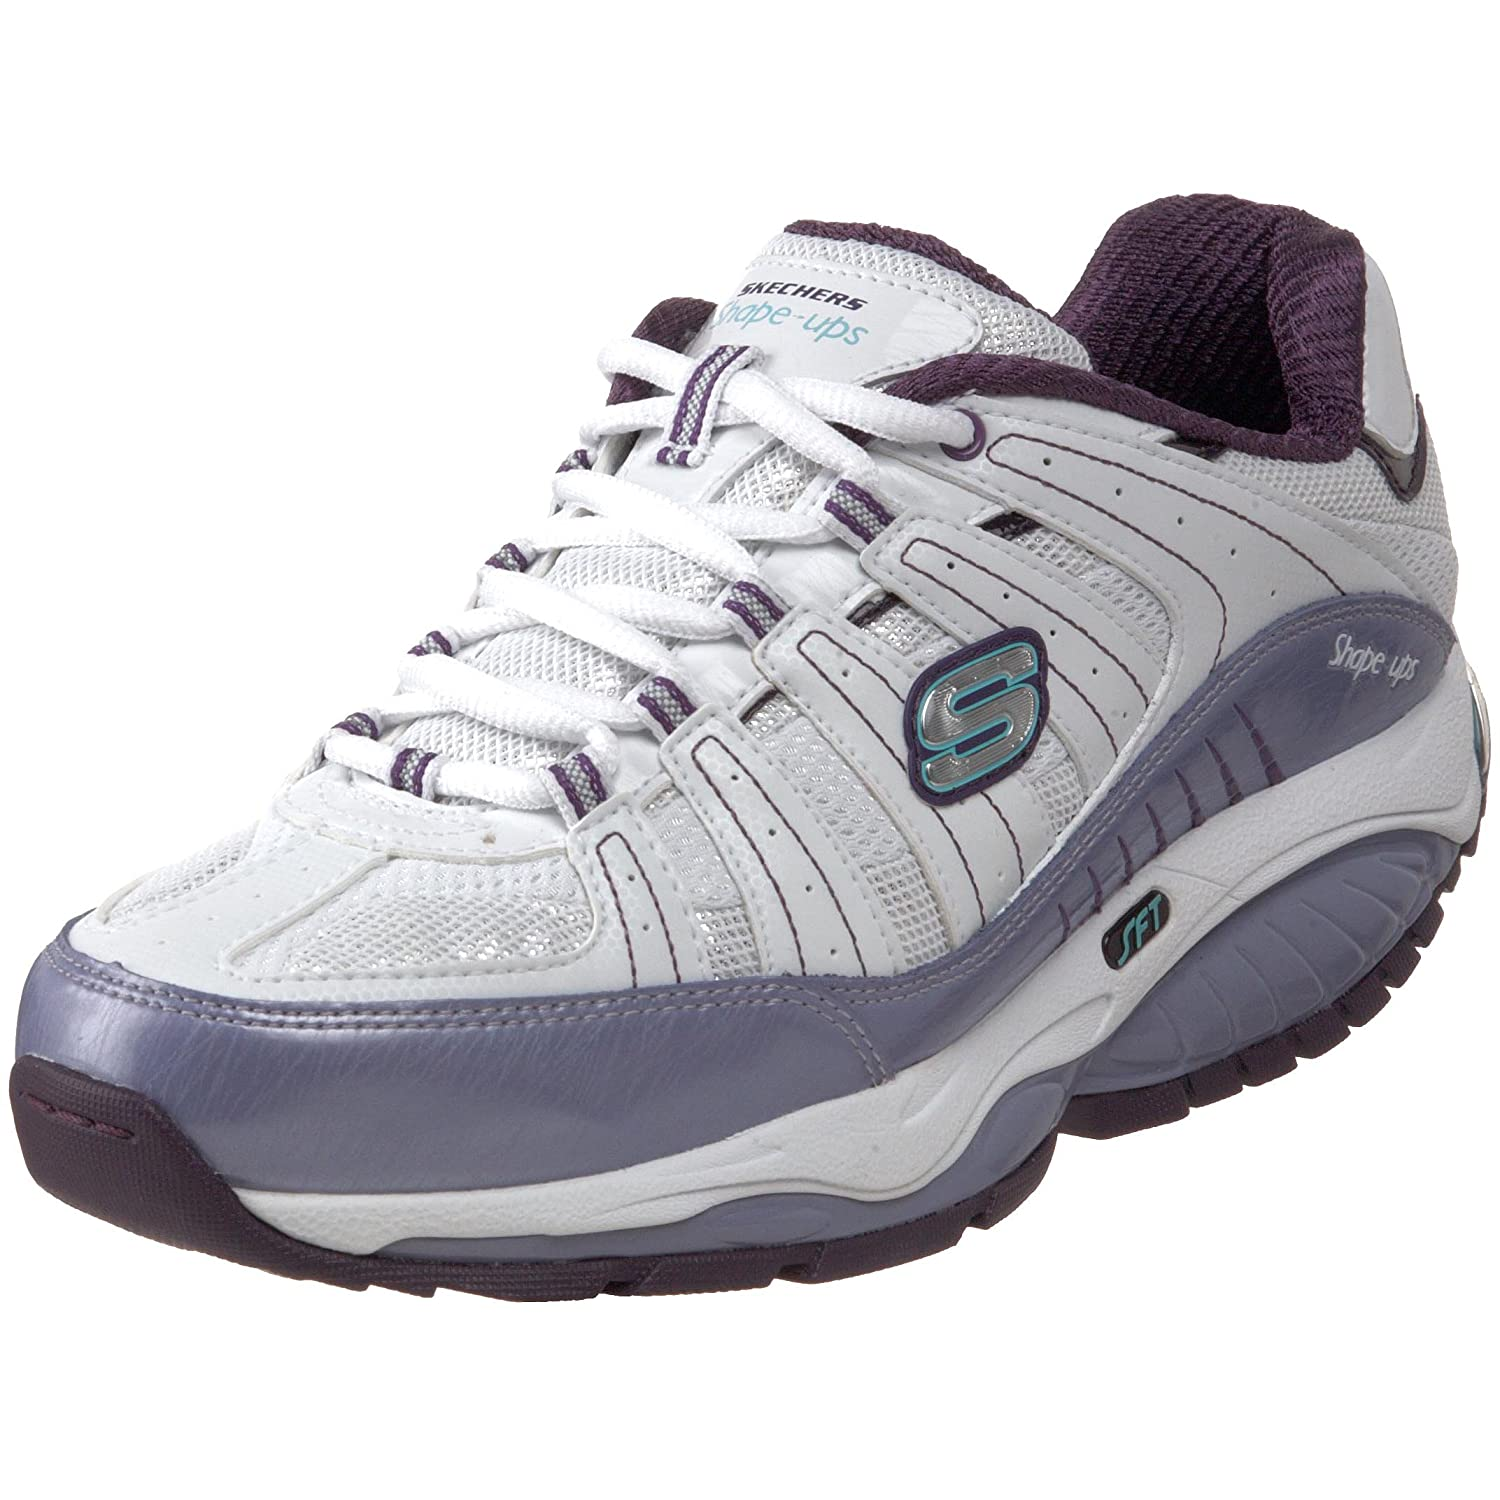 【sketcher】sketcher 鞋 – TouPeenSeen部落格